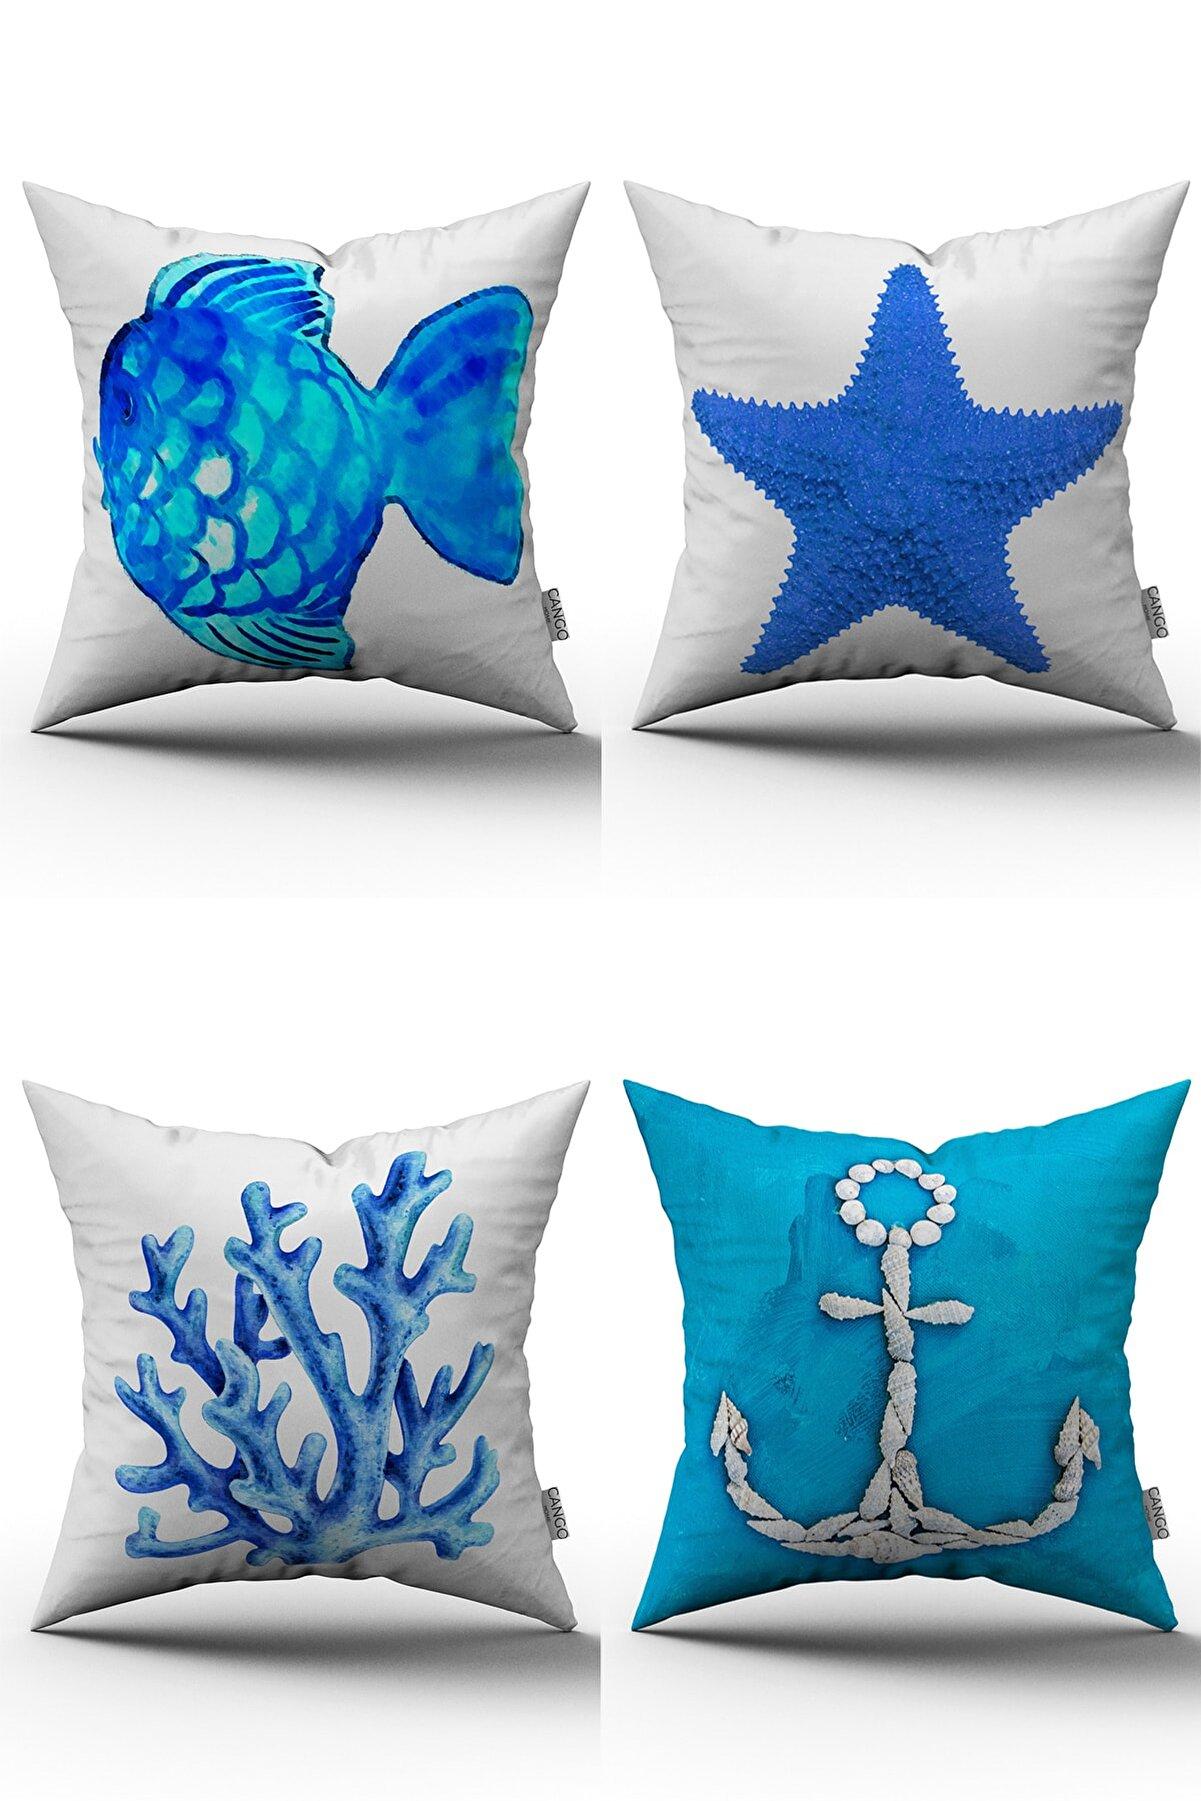 Cango Home Mavi Beyaz Marin Desenli 4'lü Dijital Baskılı Kırlent Kılıfı Seti - 4kmbs001